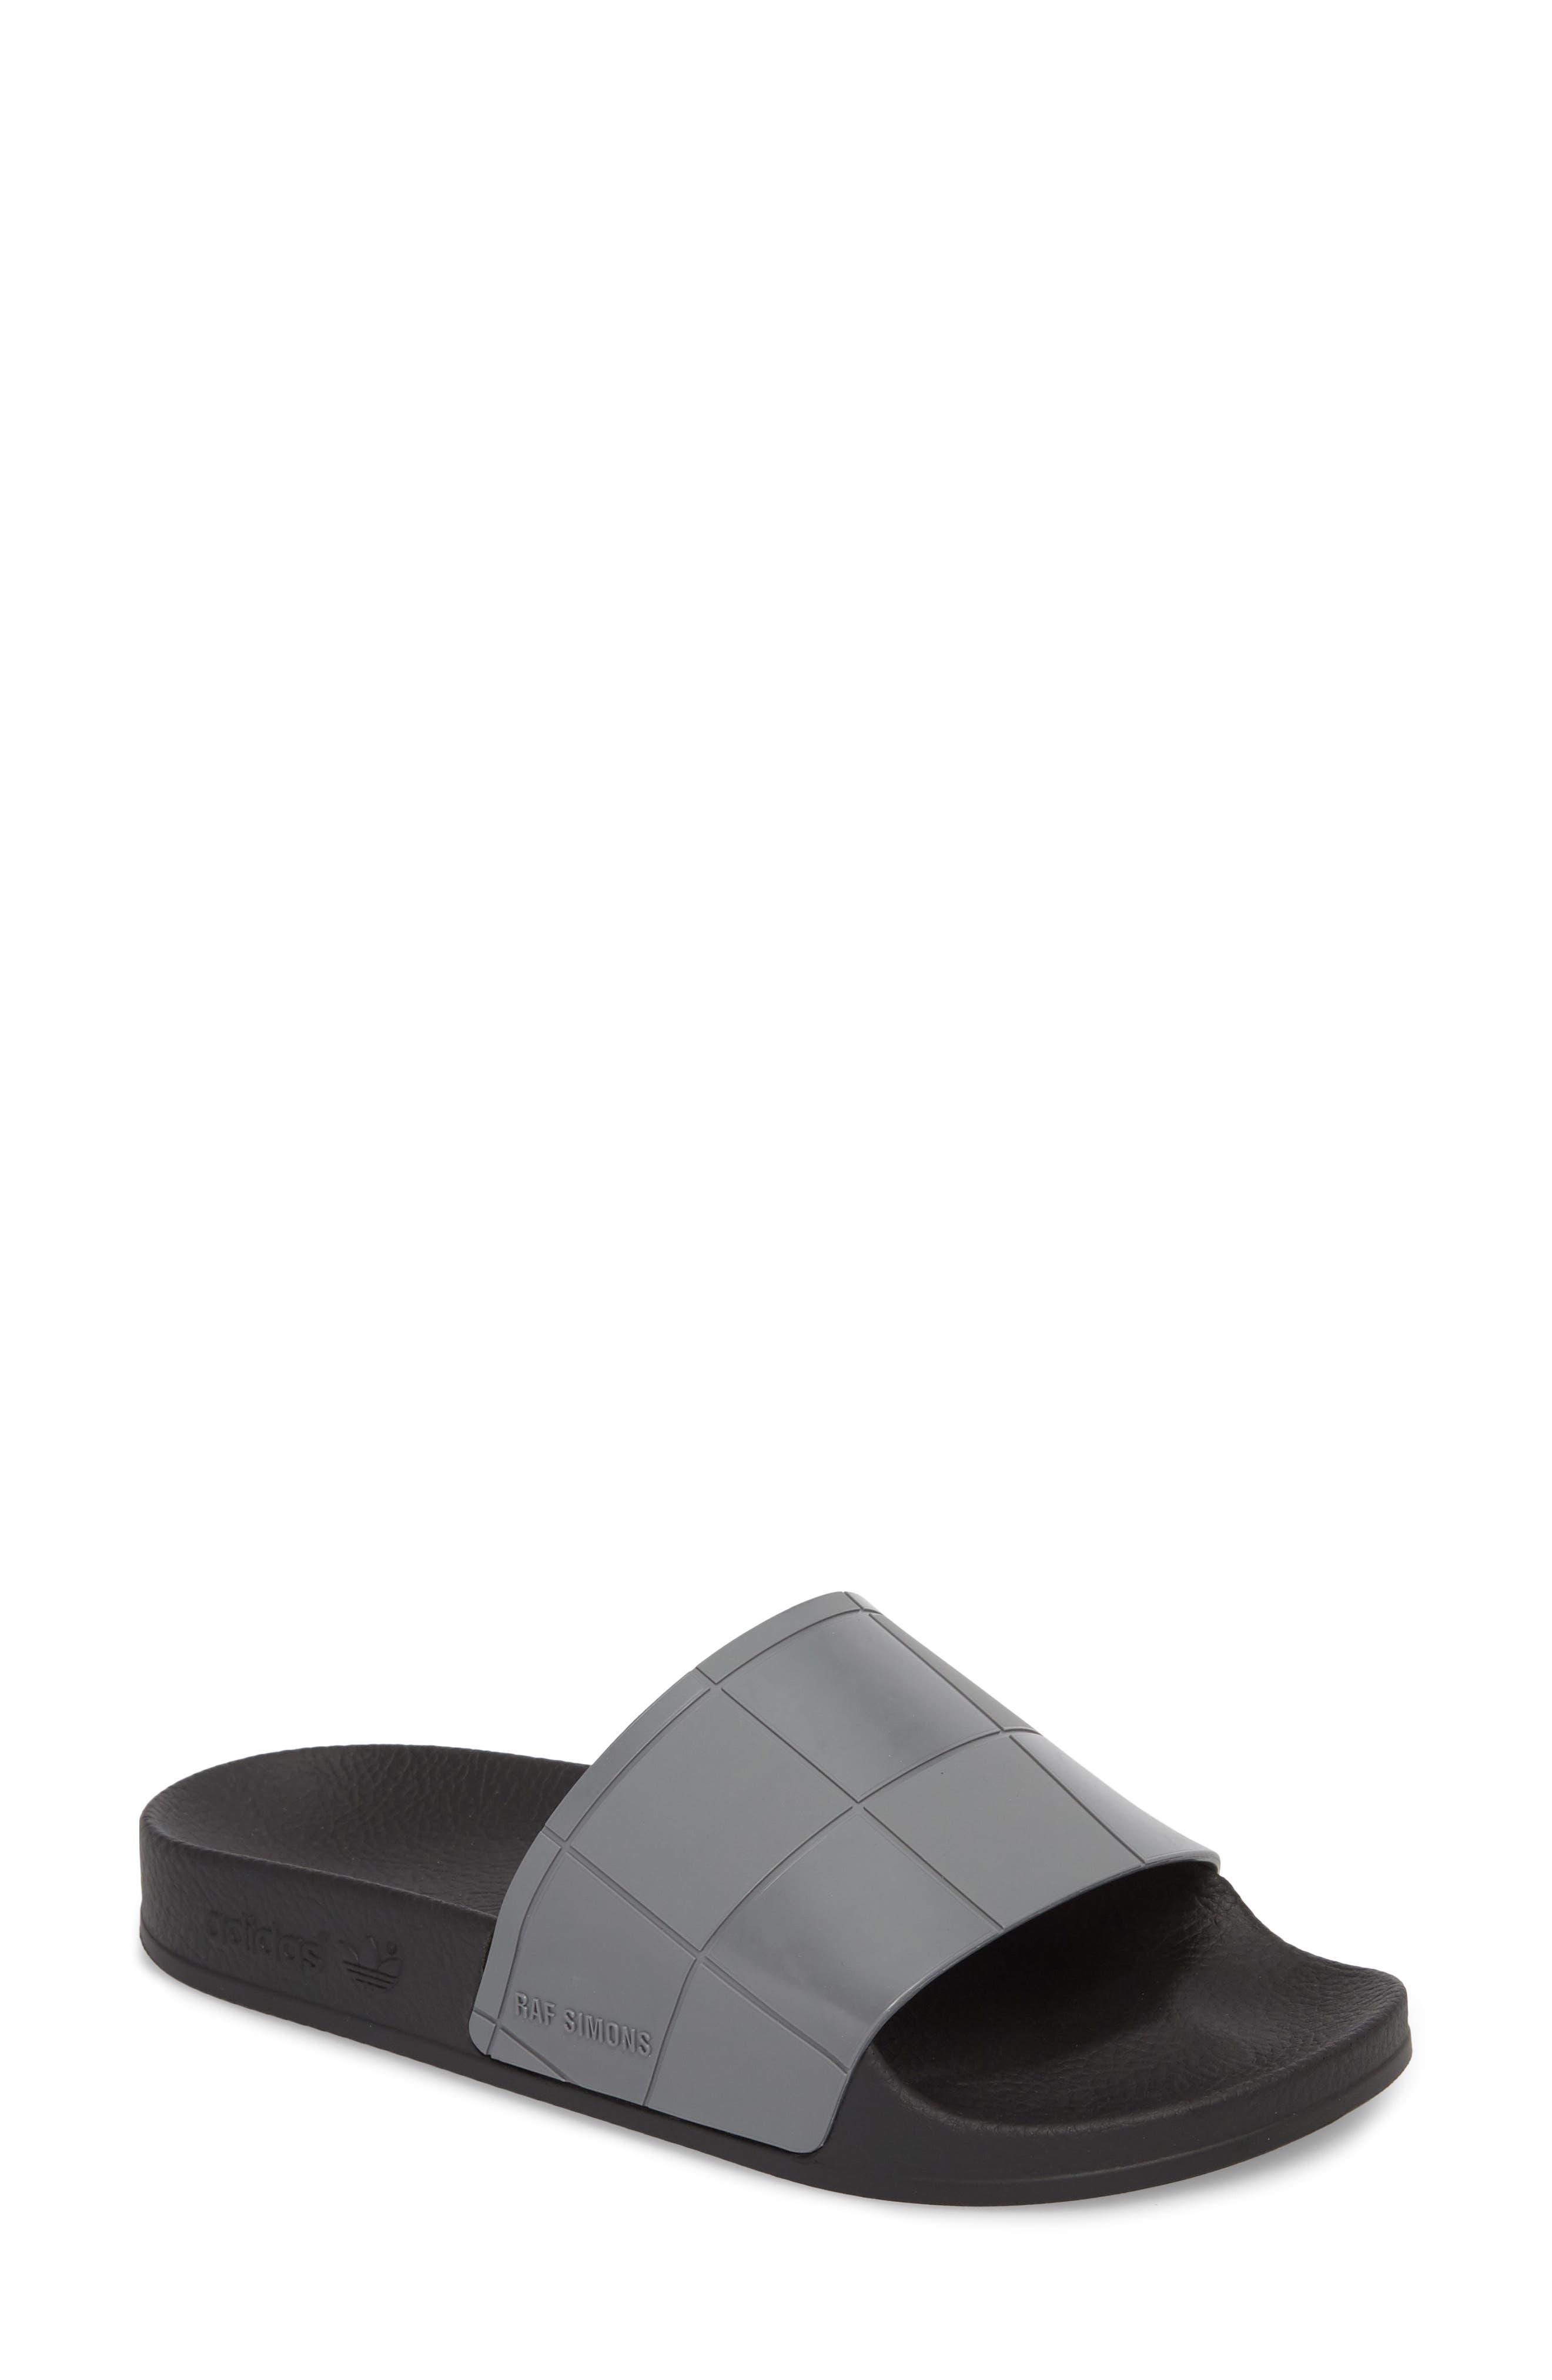 Adilette Slide Sandal,                             Main thumbnail 1, color,                             Core Black/ Granite